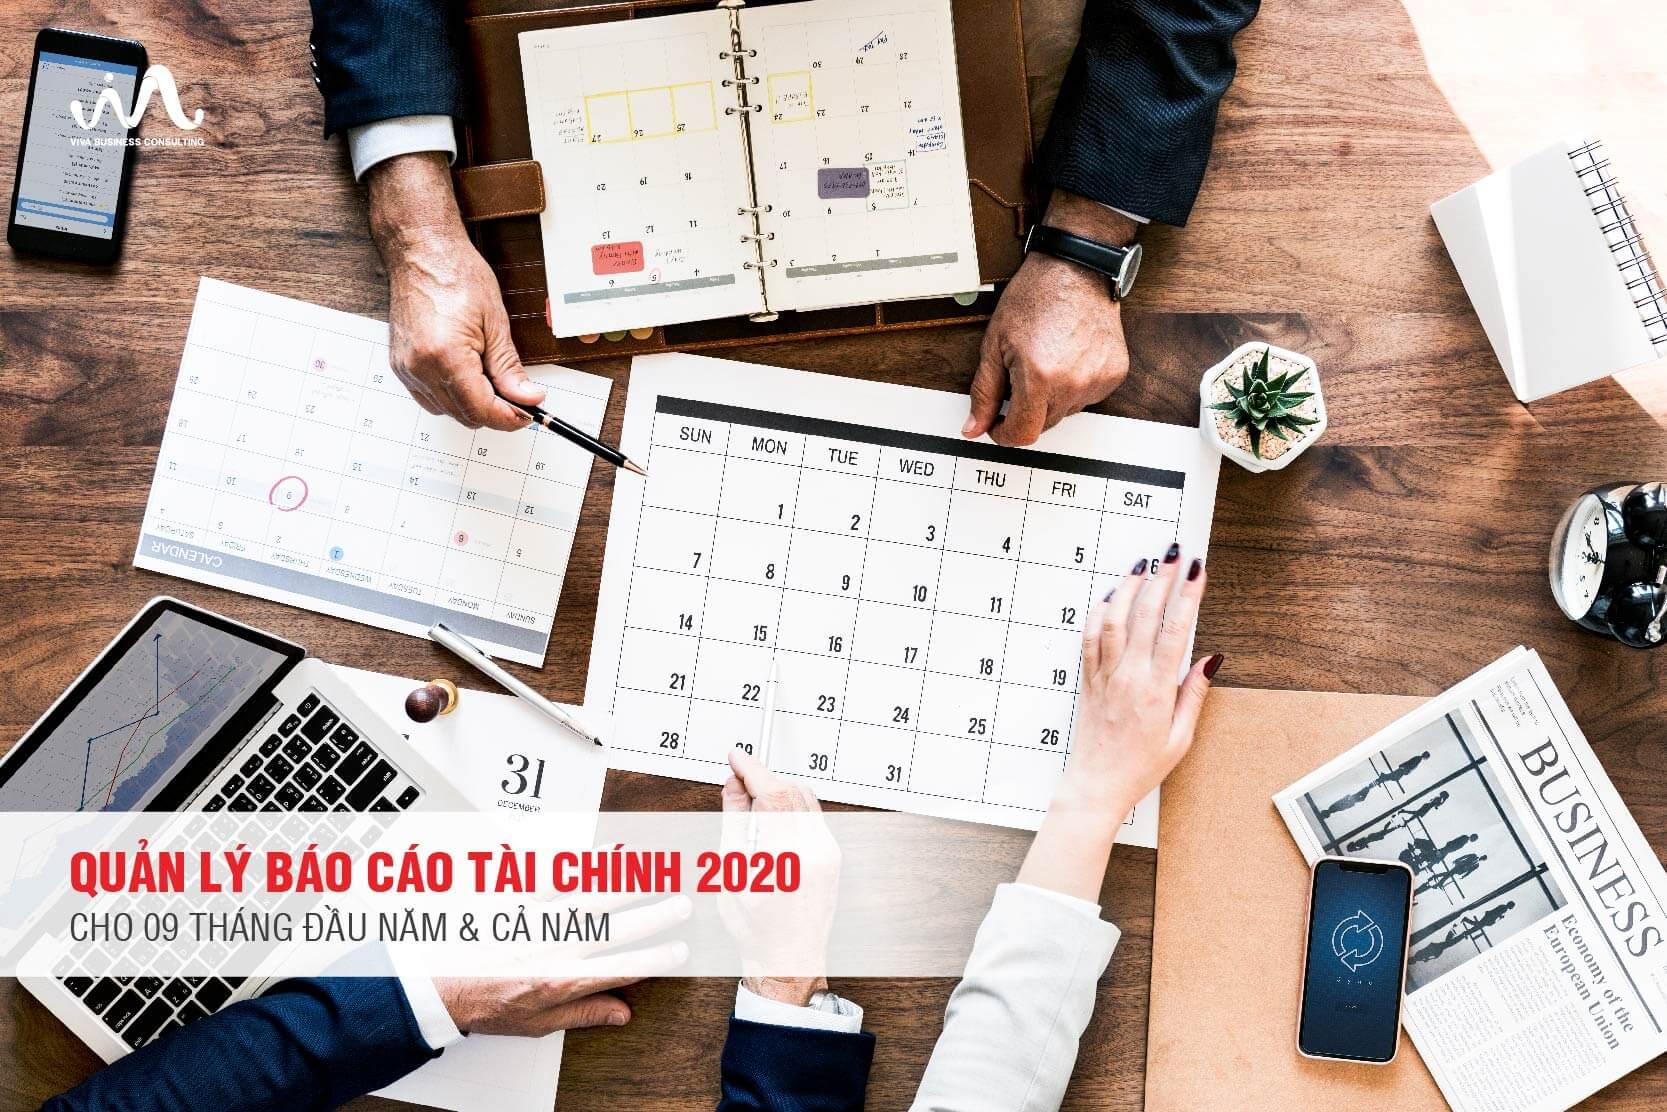 Quản Lý Báo Cáo Tài Chính 2020 Cho 09 Tháng Đầu Năm & Cả Năm